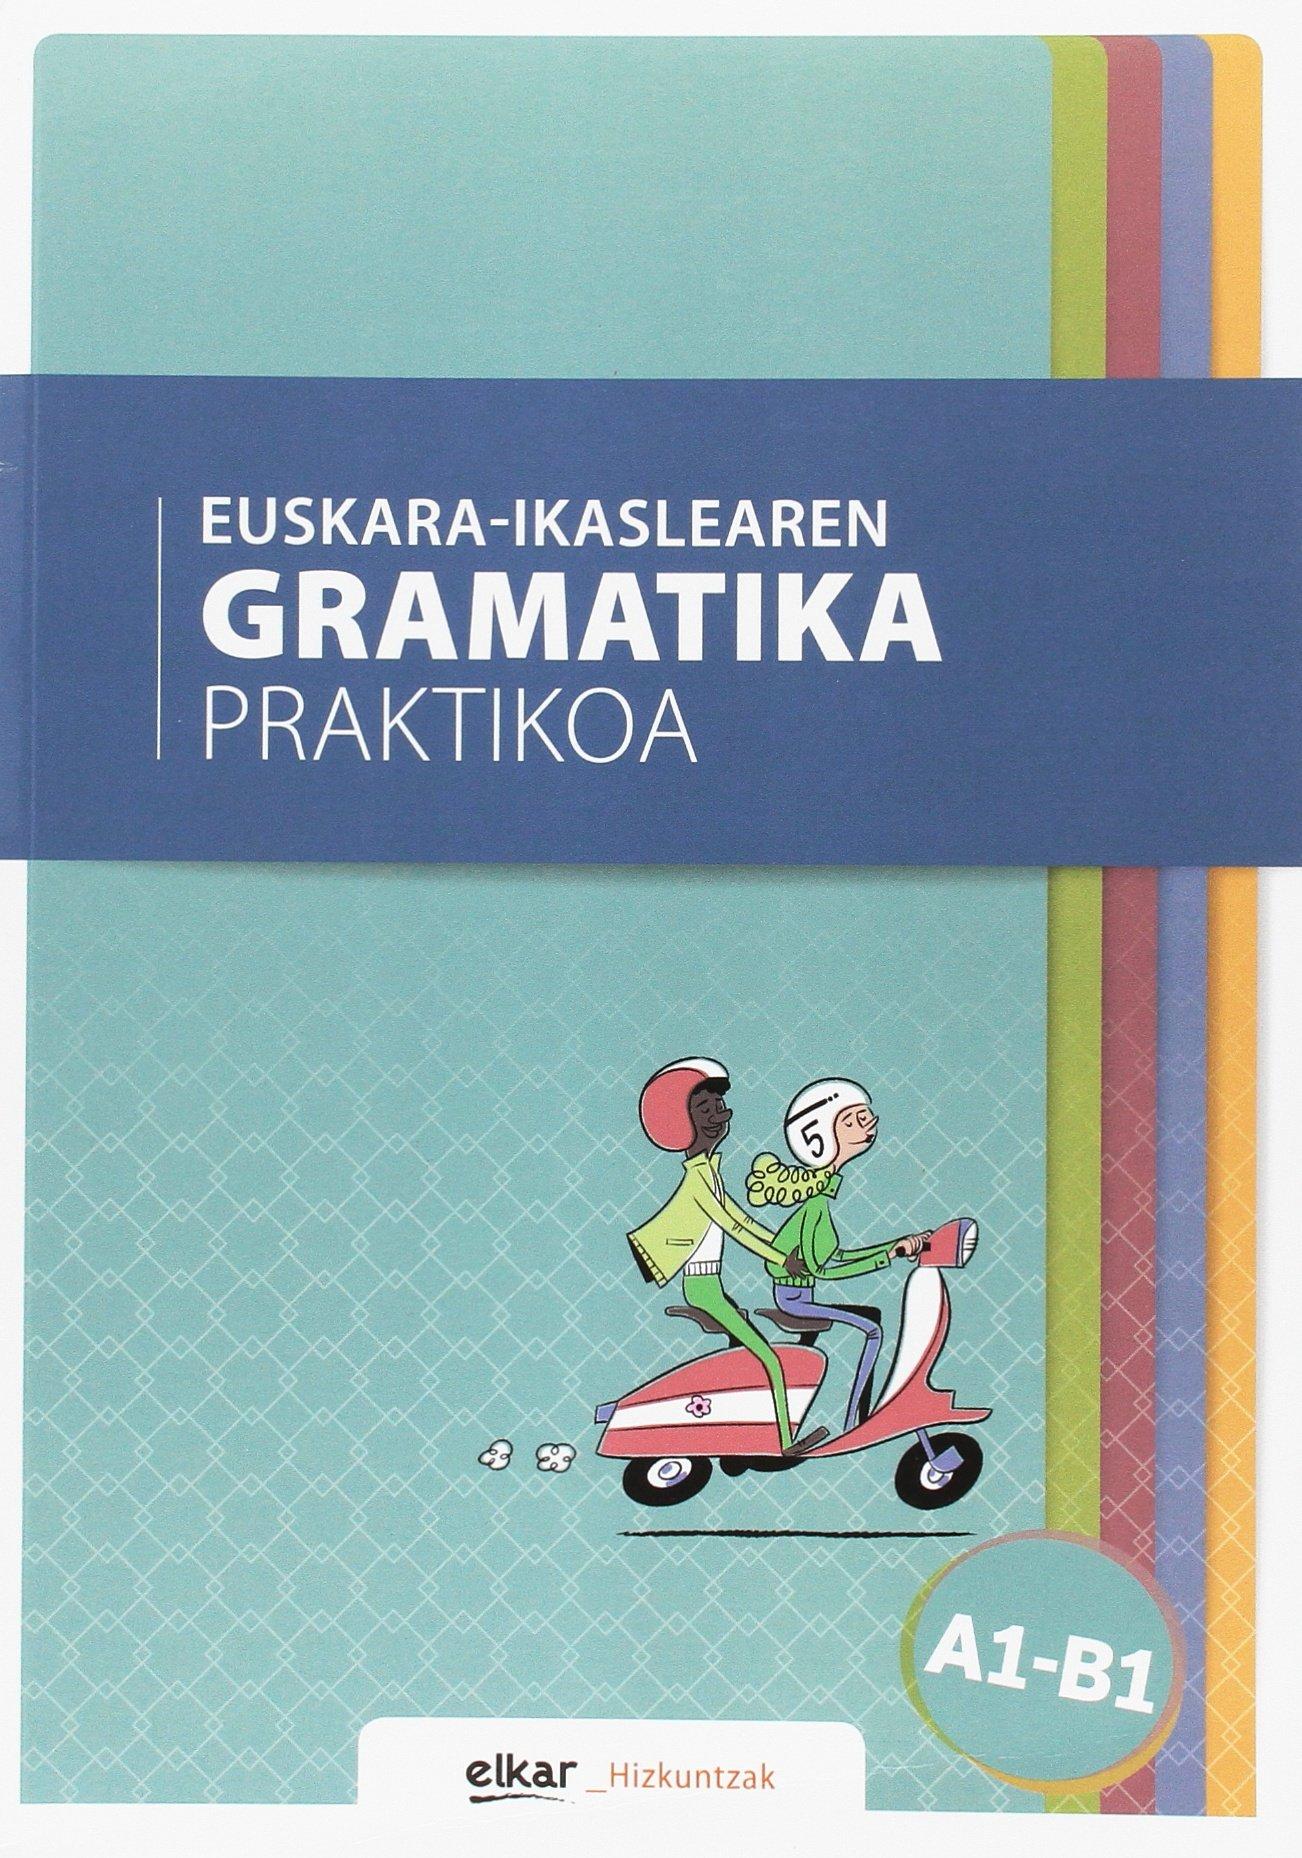 Euskara-ikaslearen gramatika praktikoa A1-B1 (Hizkuntzak) (Euskera) Tapa blanda – 5 oct 2017 Batzuk Elkarlanean S.L. 8490277249